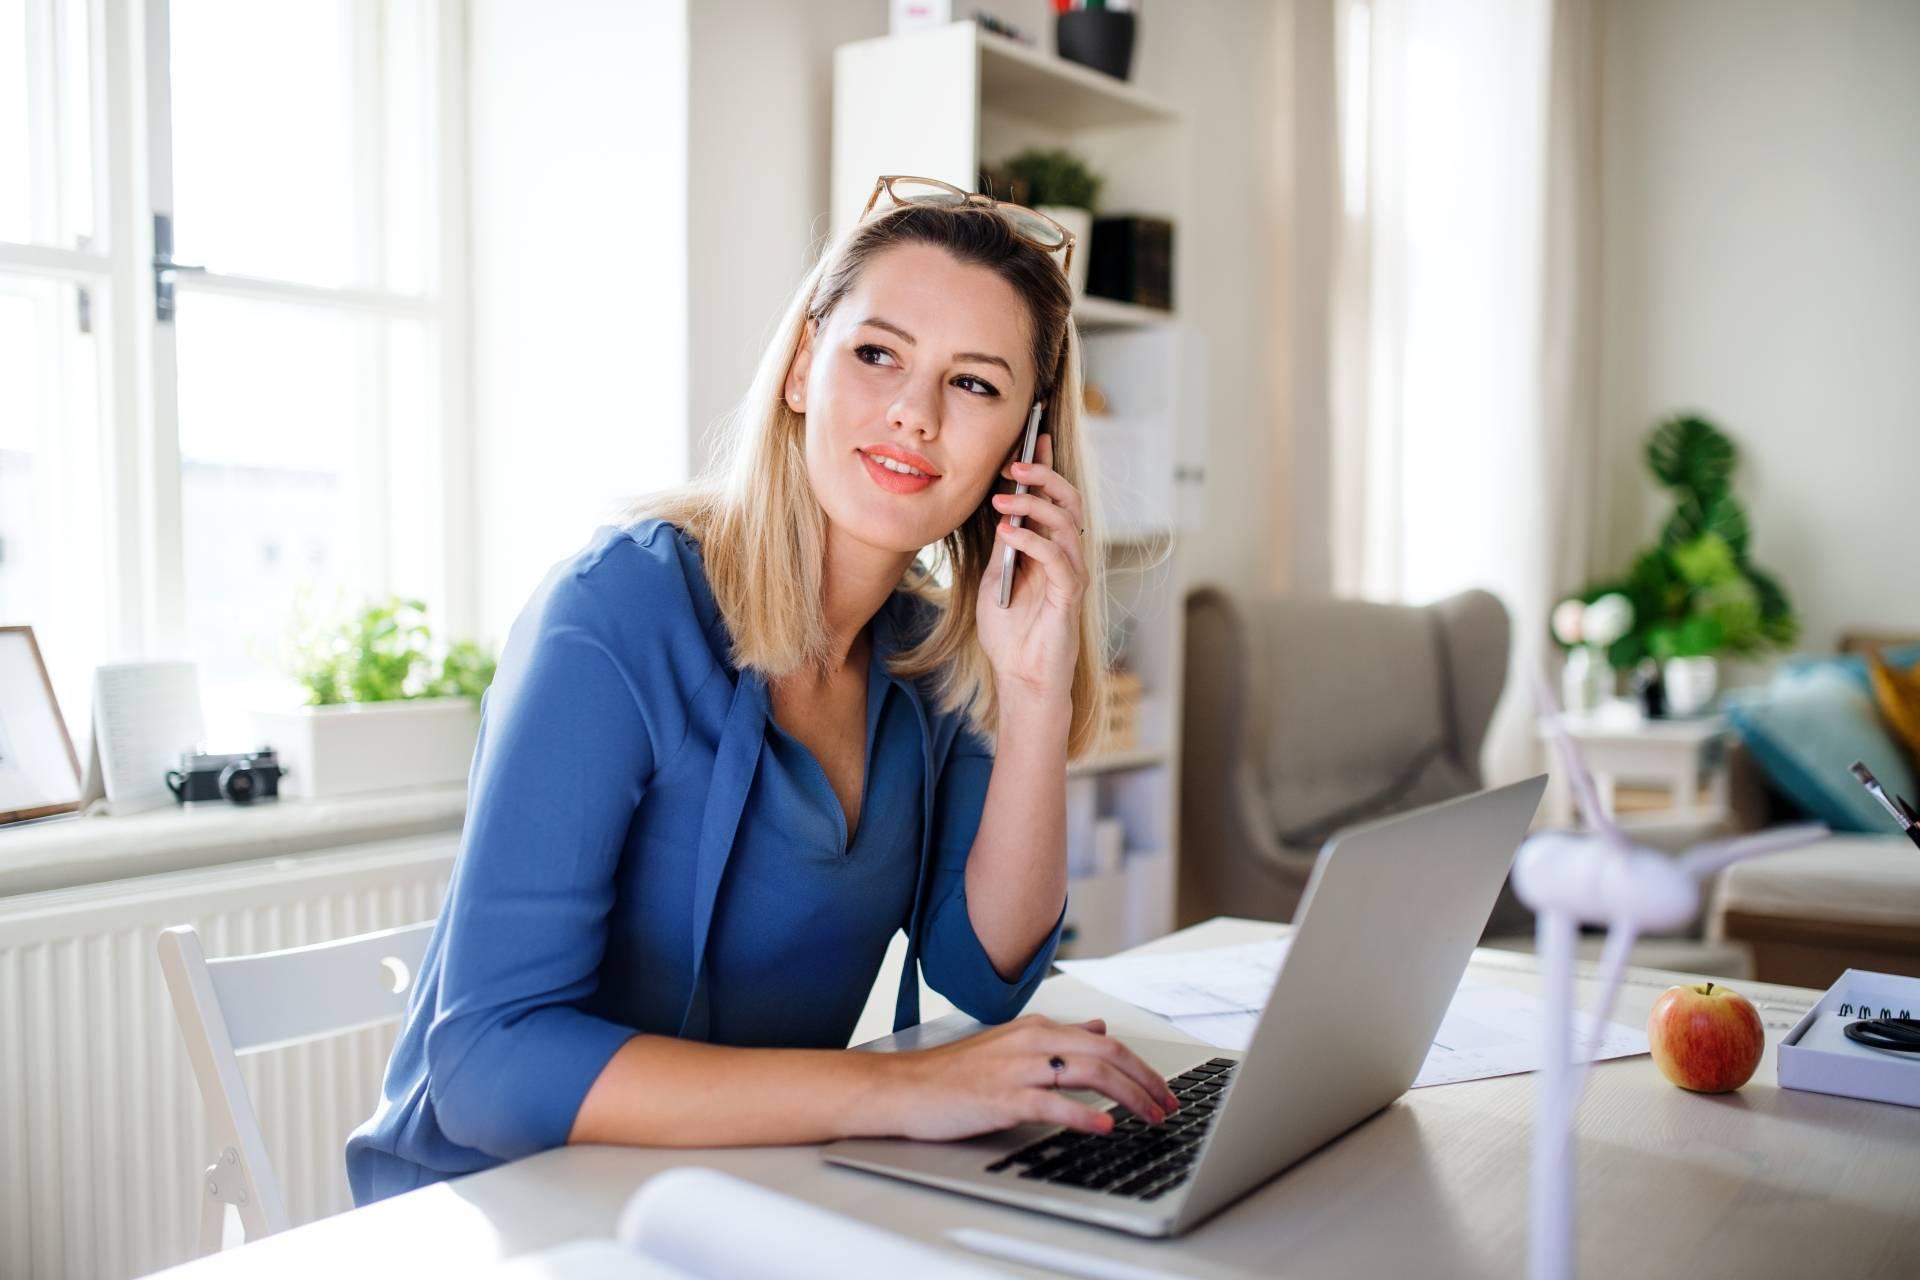 Cwiczenia przy biurku - jak zadbać o swój kręgosłup?